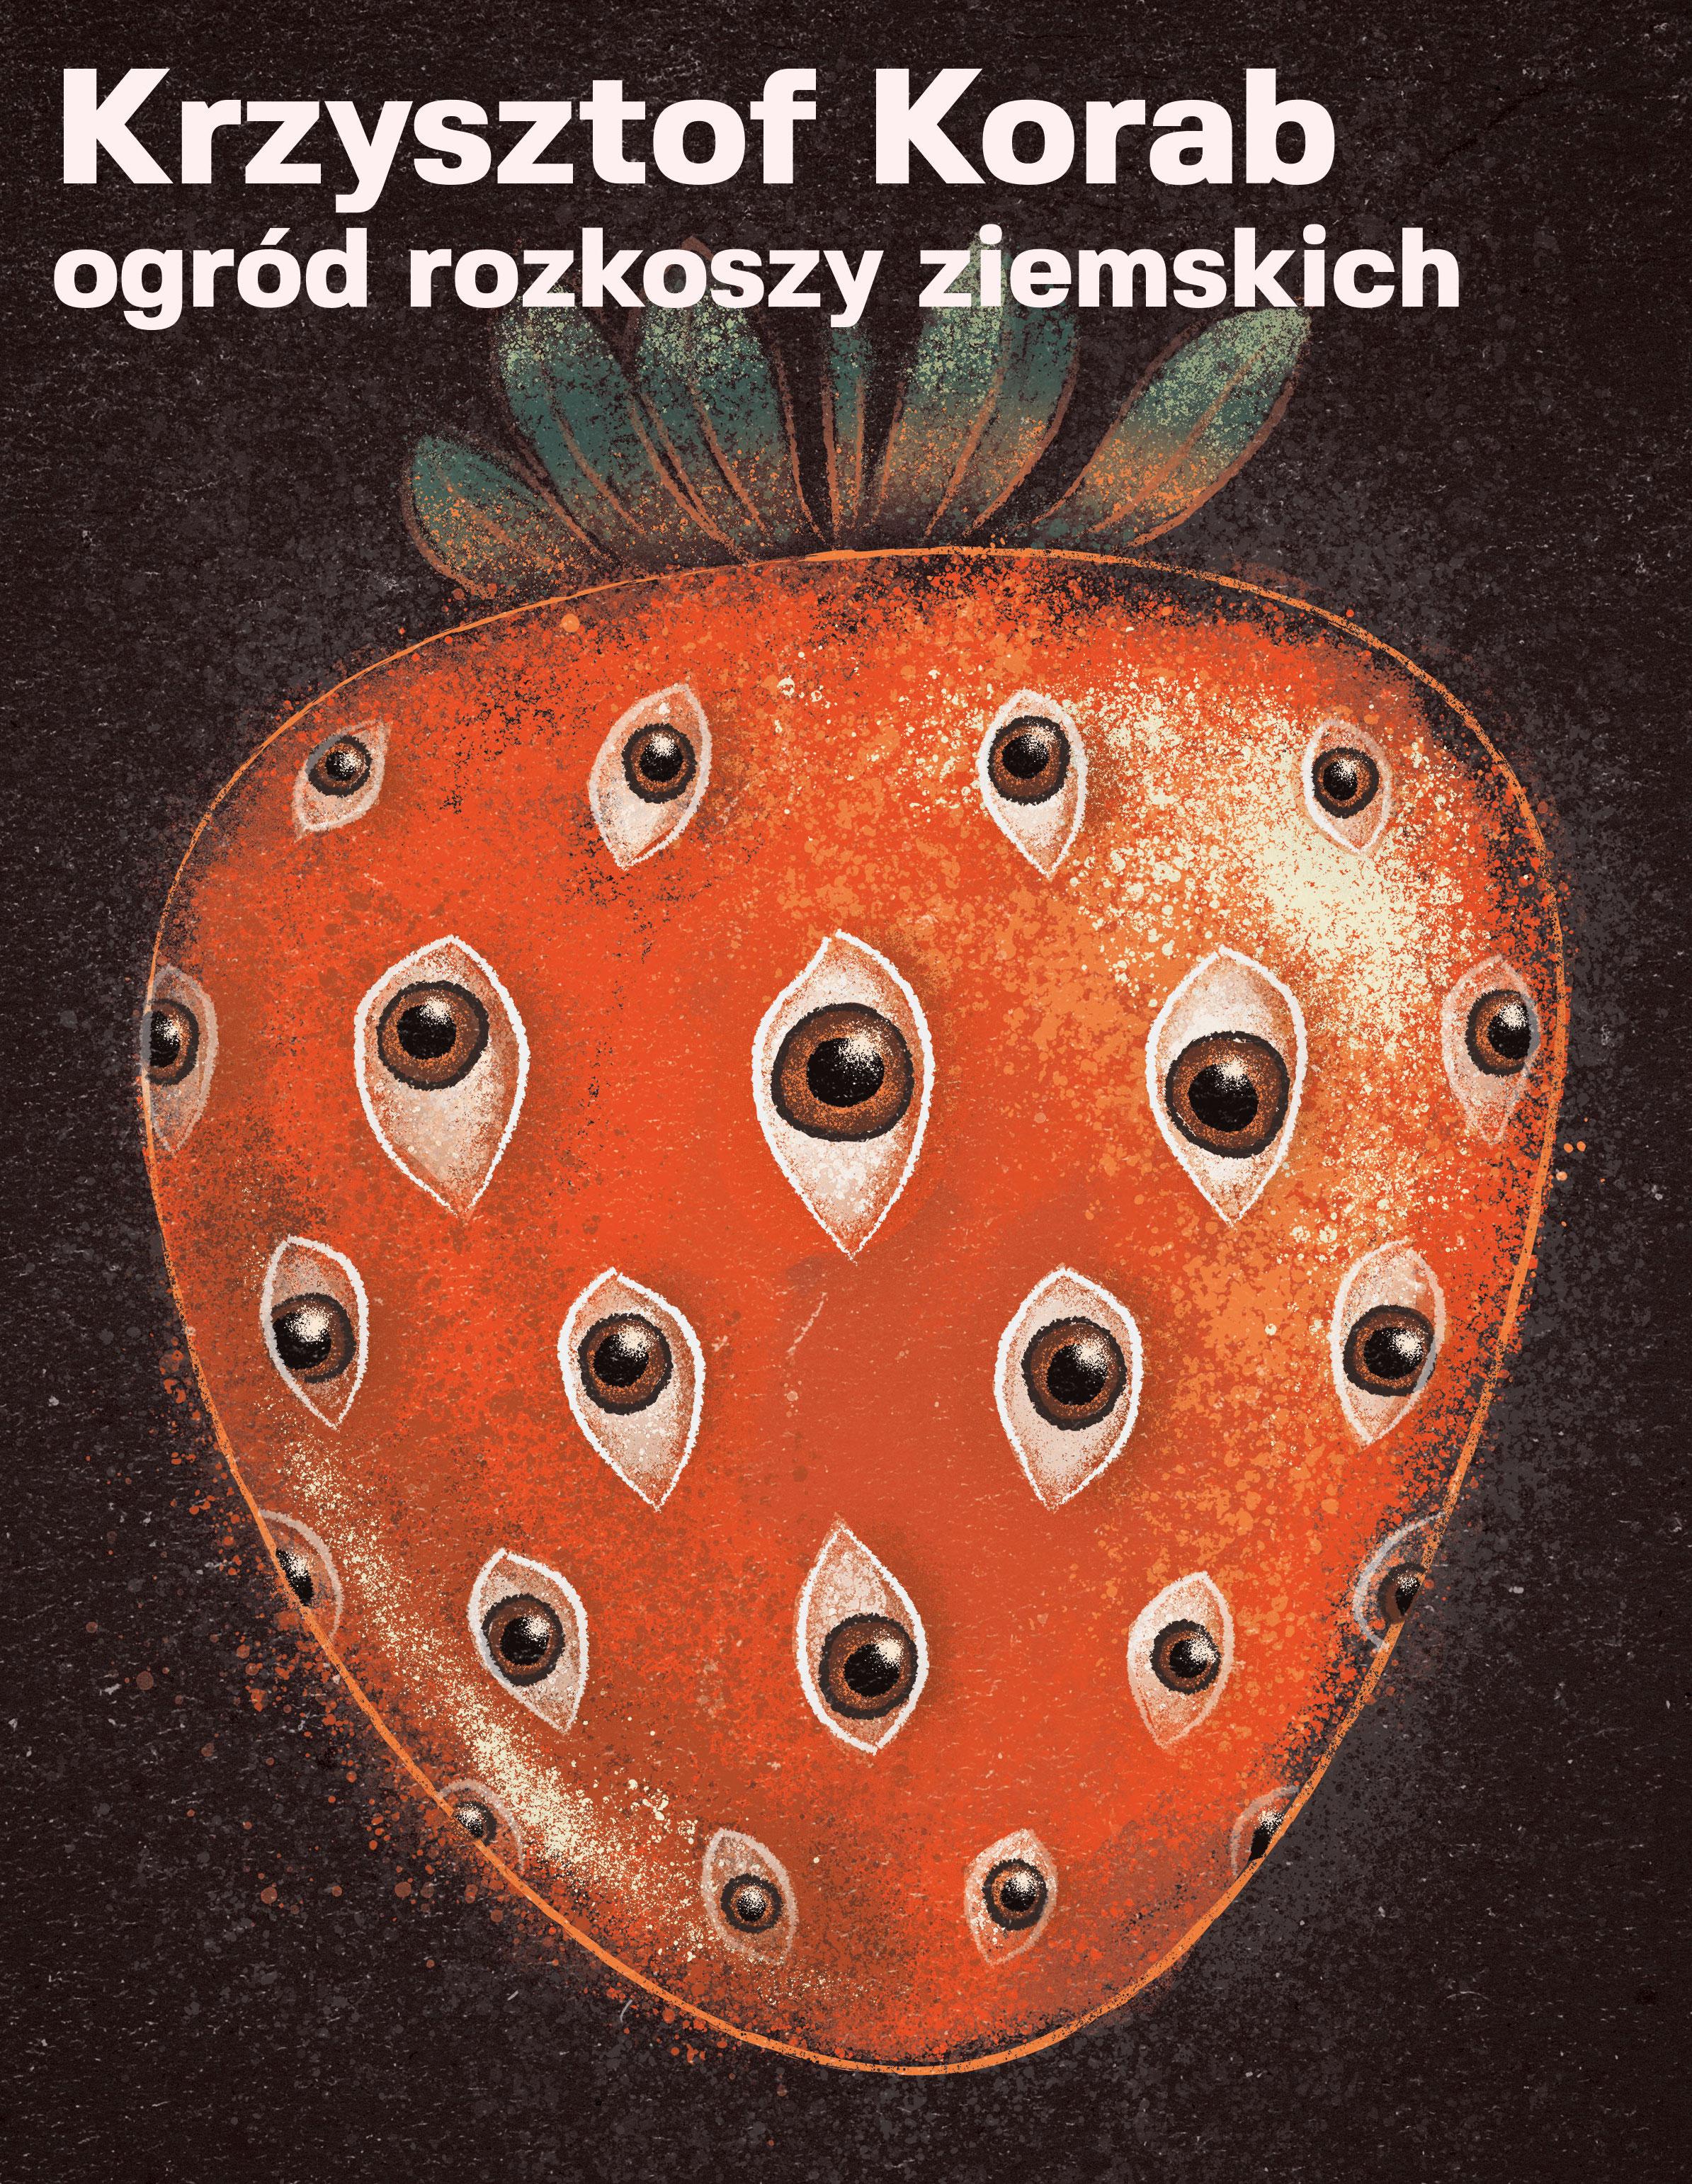 http://www.szarakamienica.pl/public/picture/ORZ_w2_2_demo1.jpg